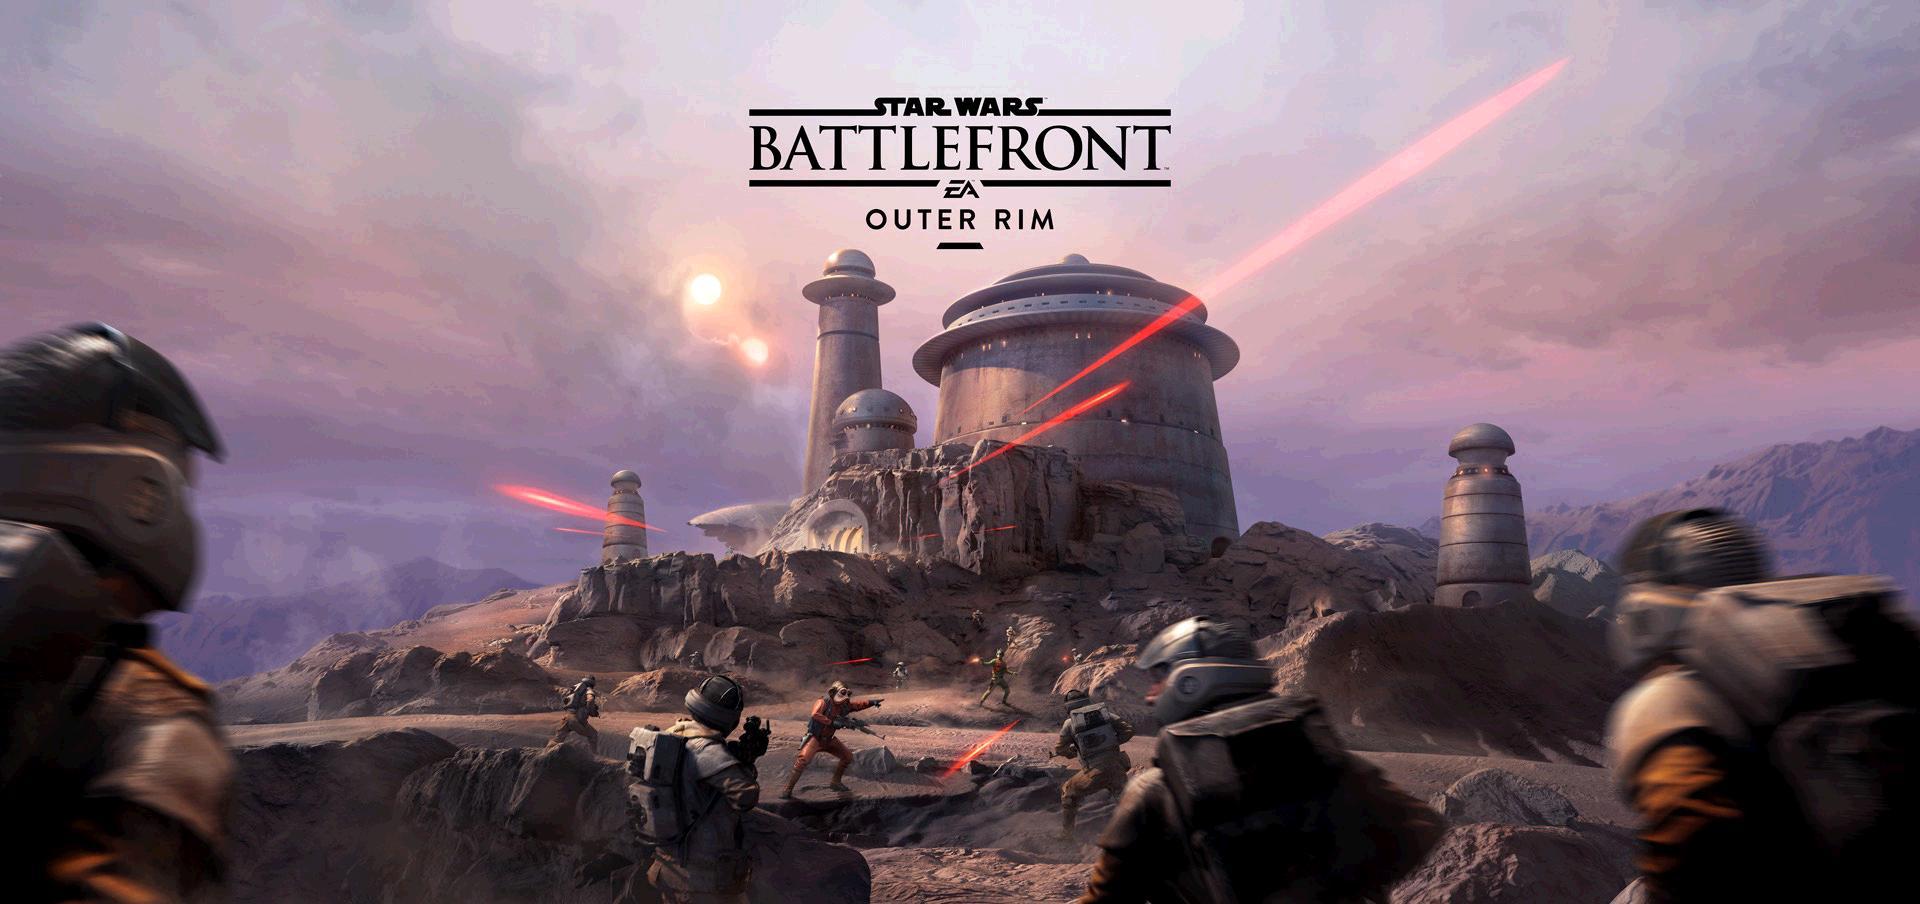 1456947559-star-wars-battlefront-outer-rim